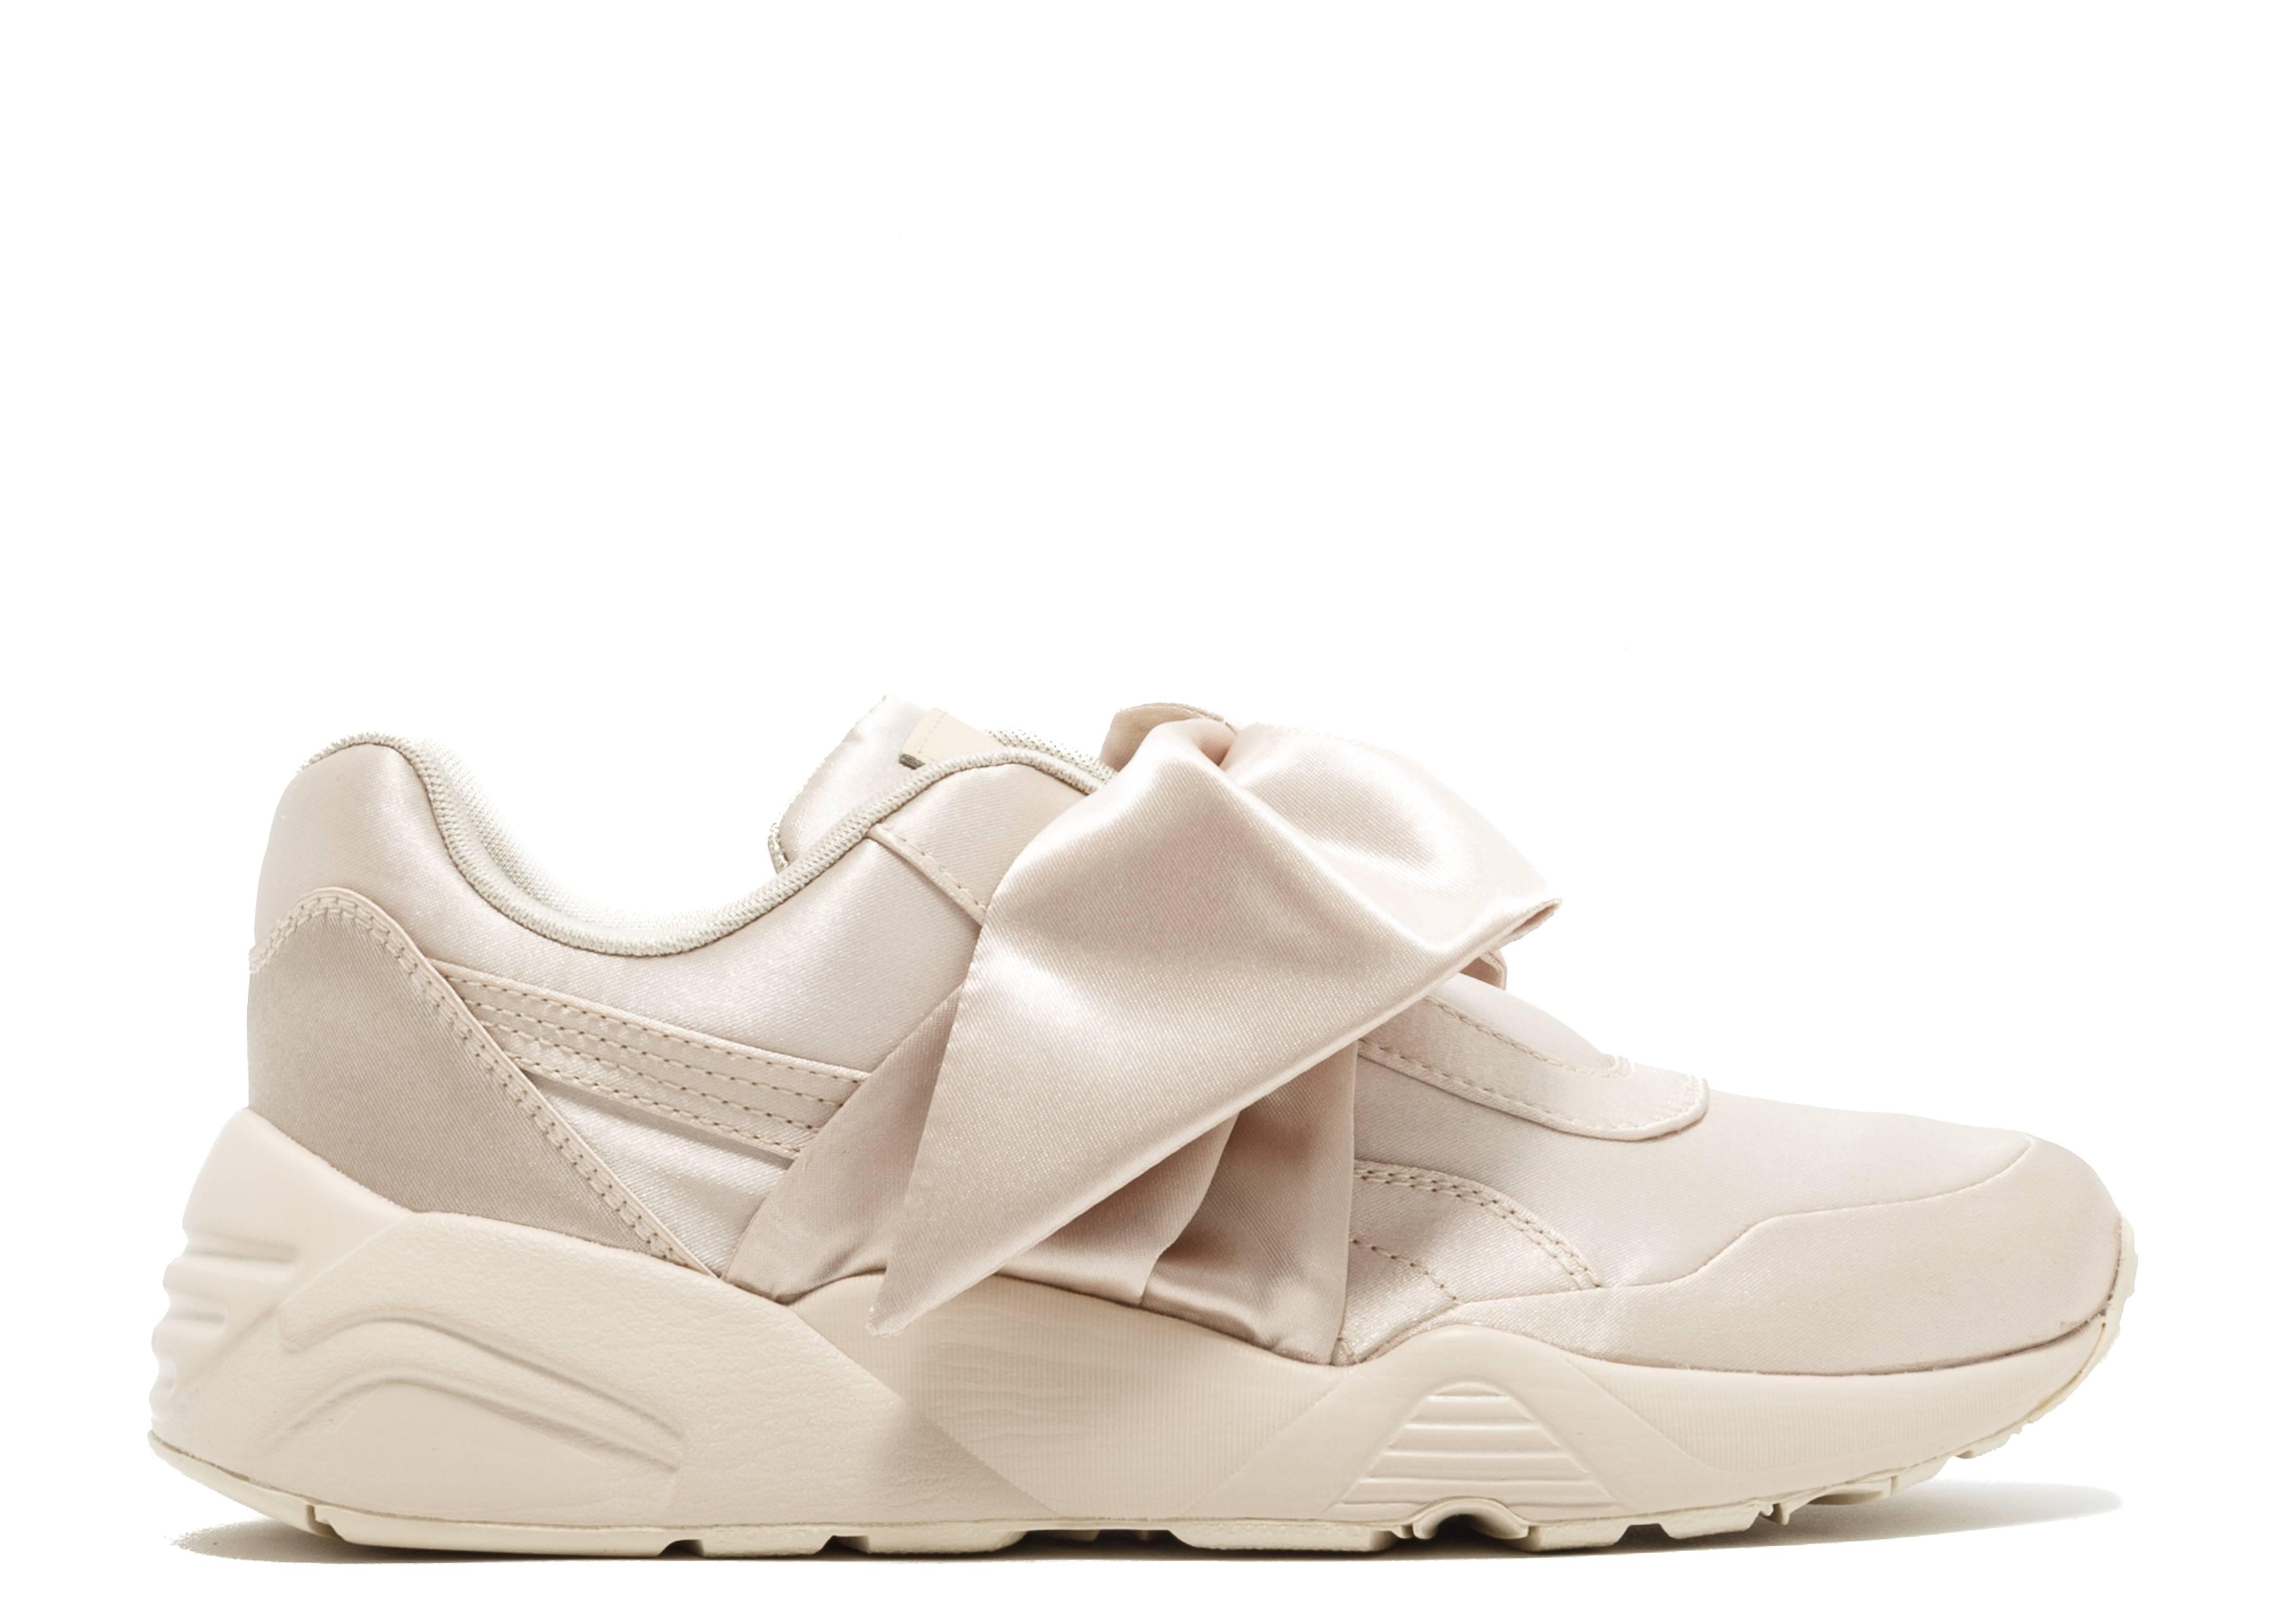 a04a3b6913f7 puma rose gold sneakers - Come take a walk!